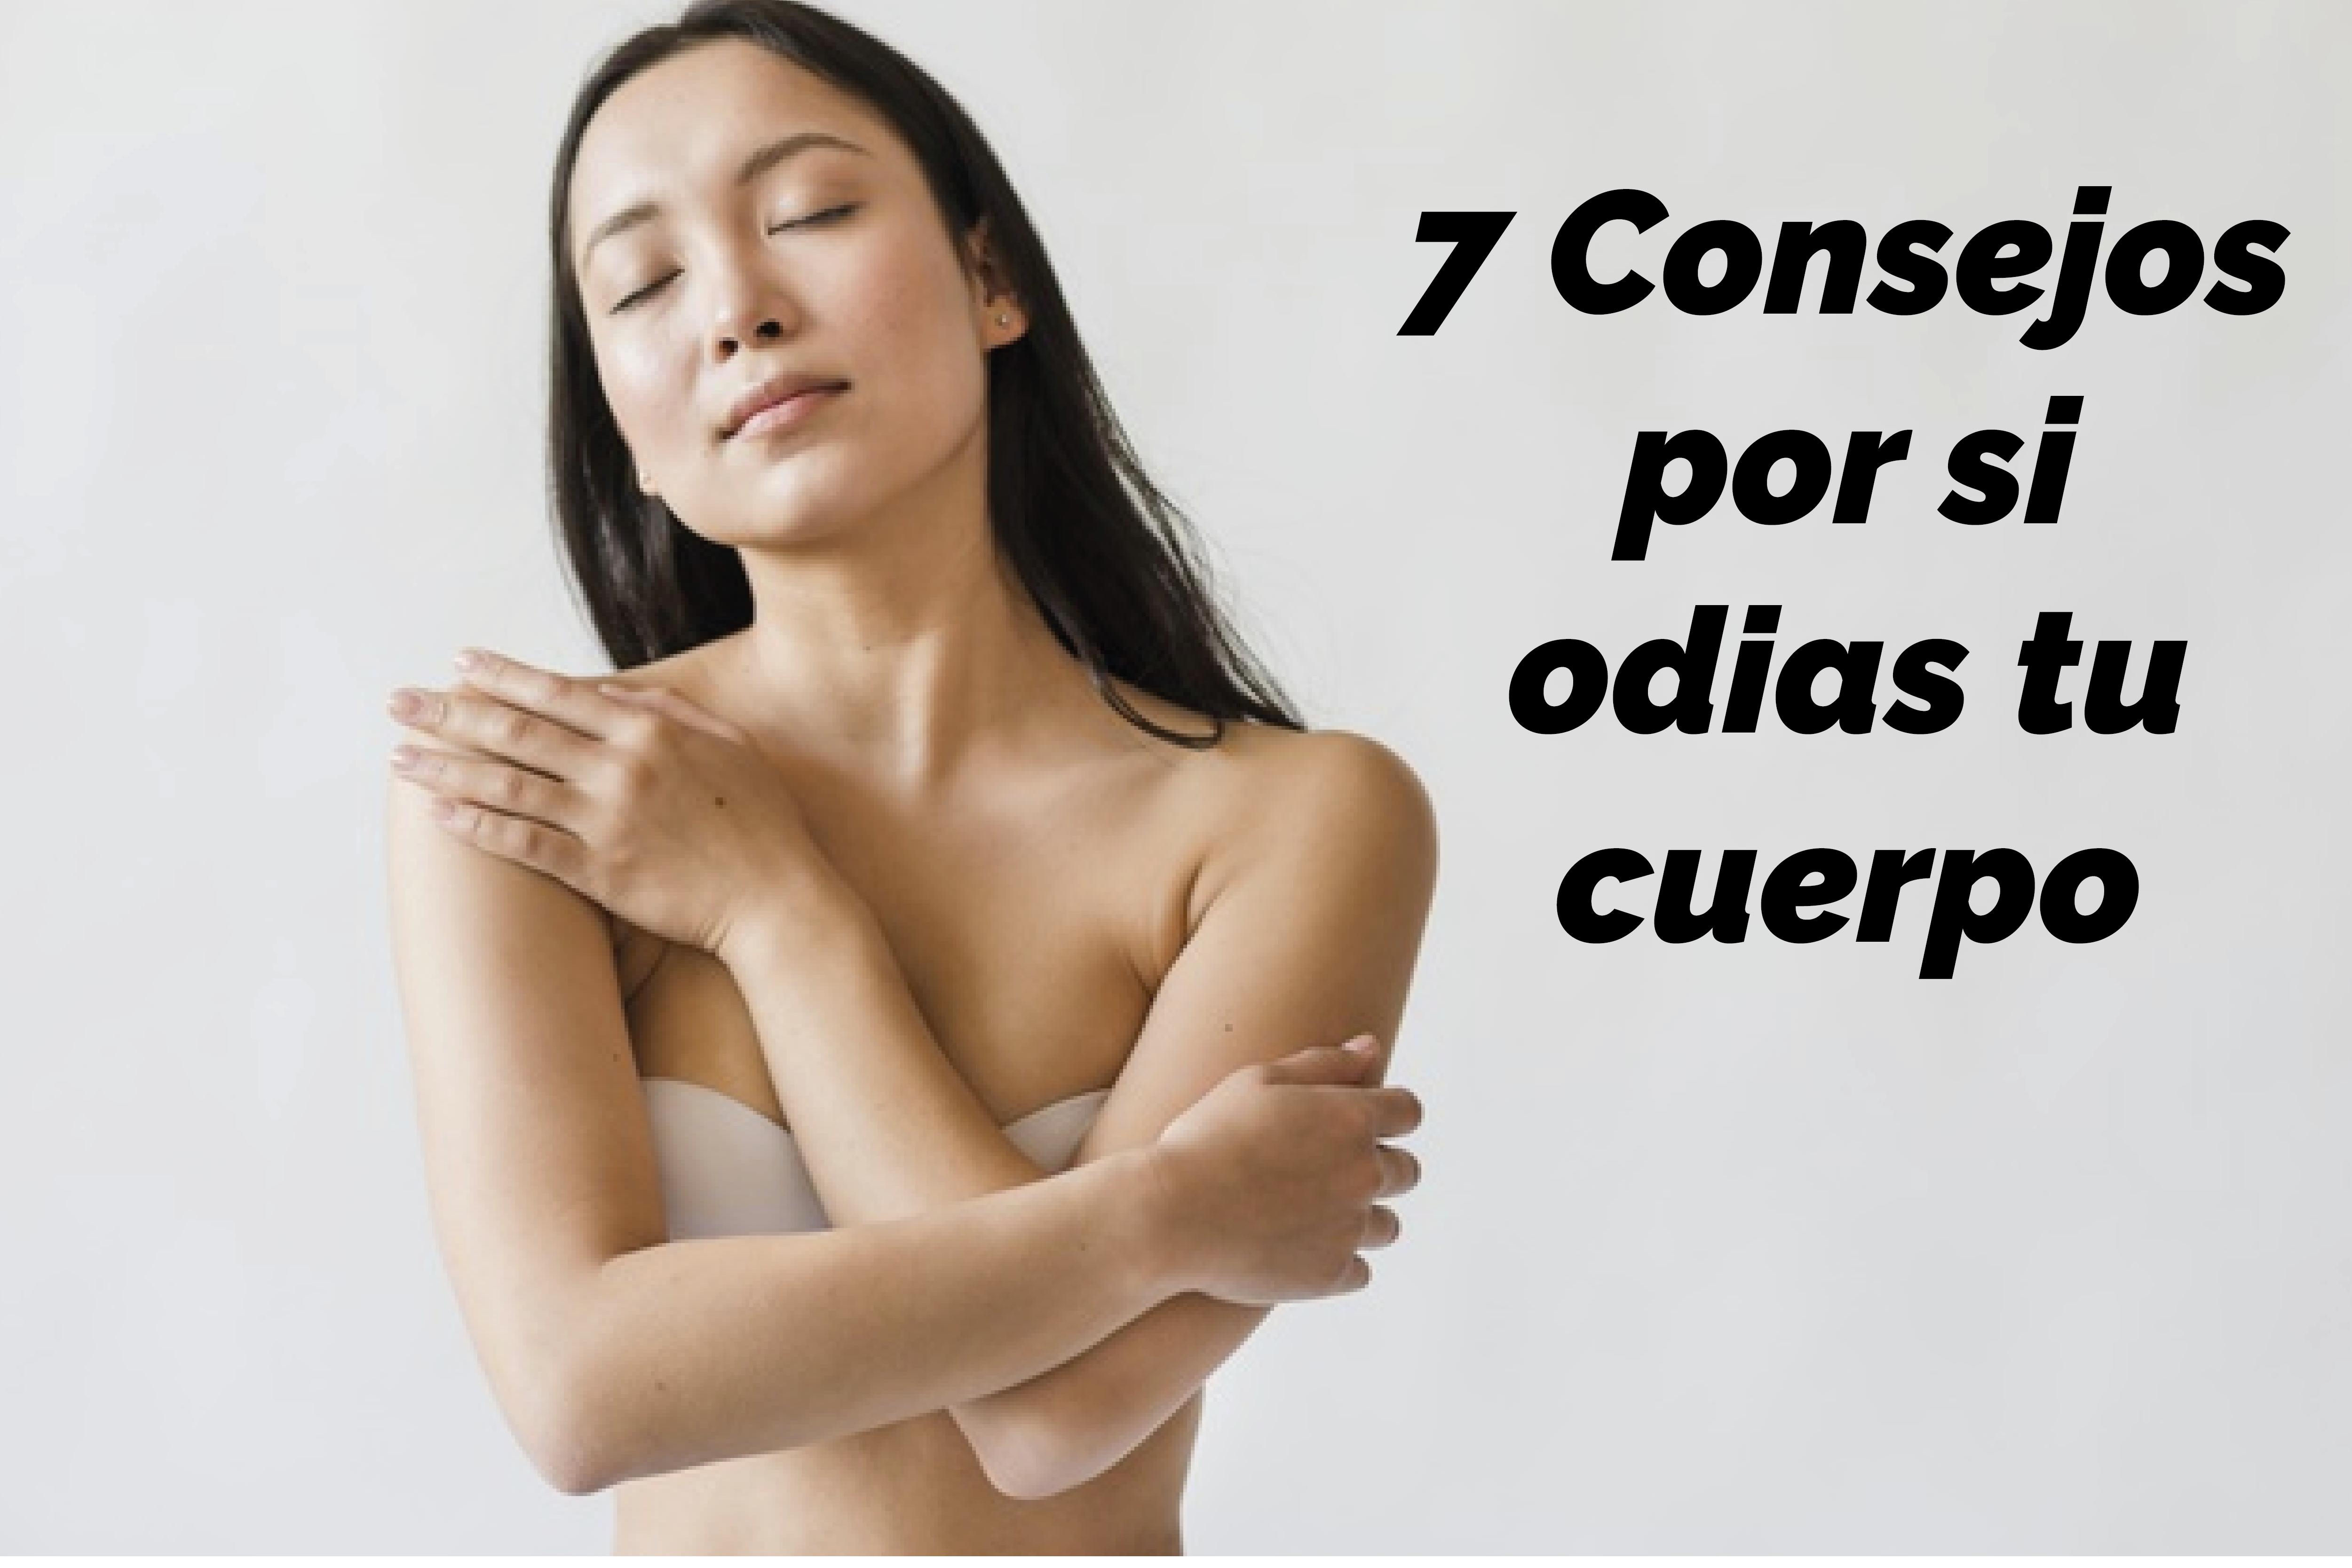 7 Consejos por si odias tu cuerpo